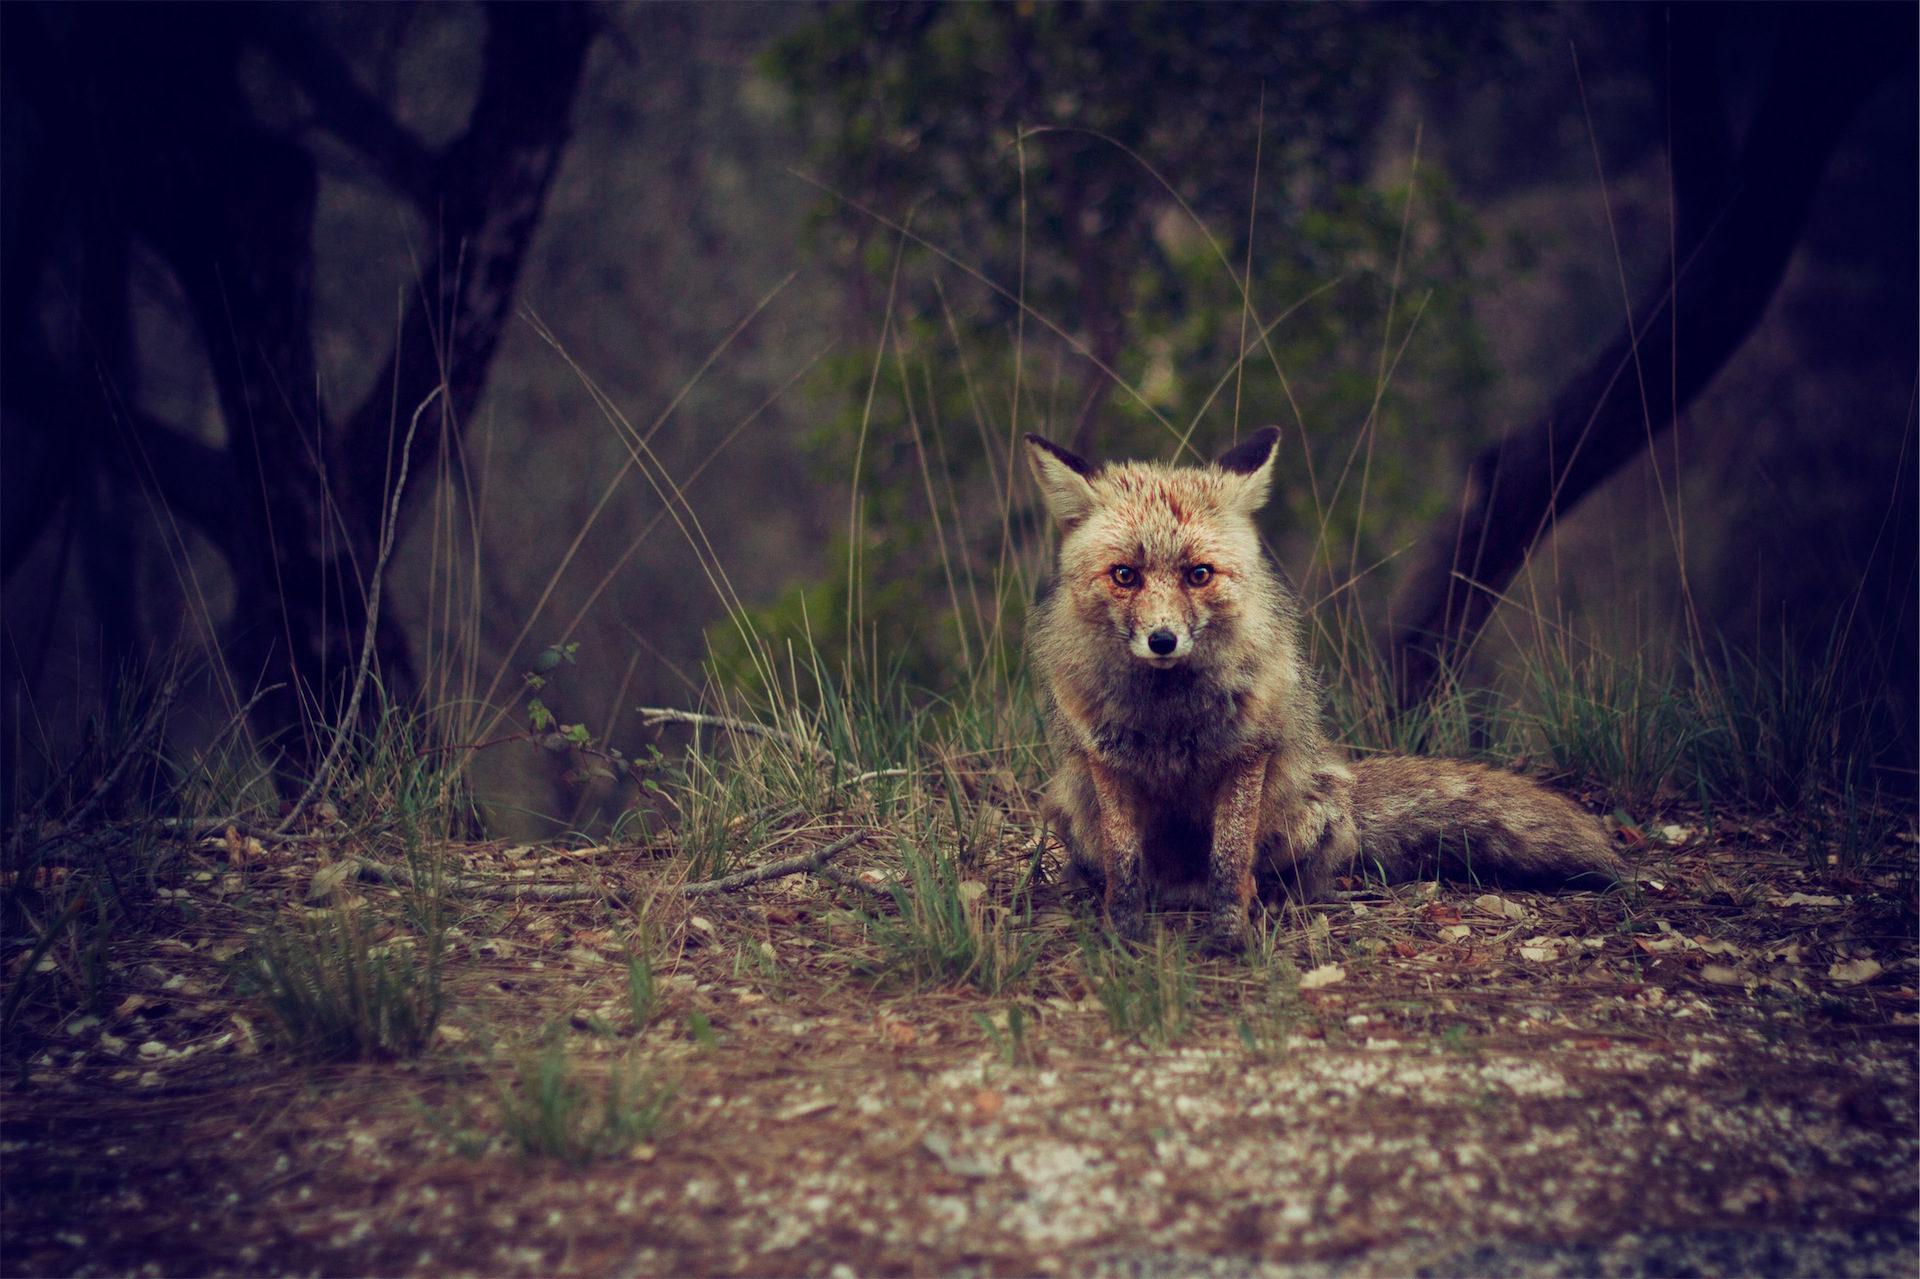 zorro, bosque, campo, mirada, astuto - Fondos de Pantalla HD - professor-falken.com